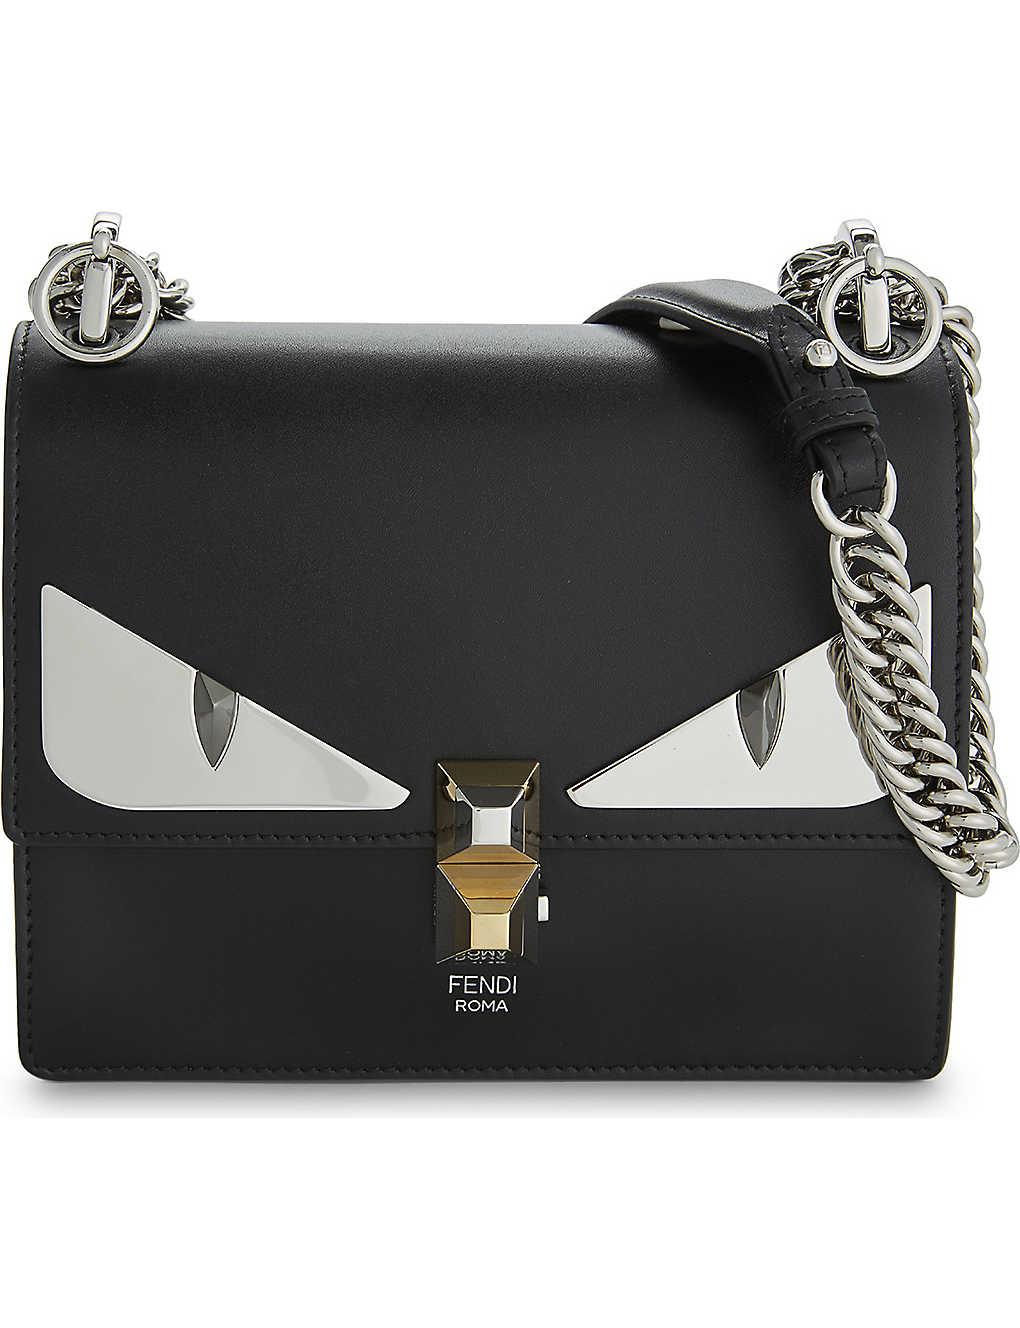 809b94d85e23 FENDI - Kan I monster leather shoulder bag